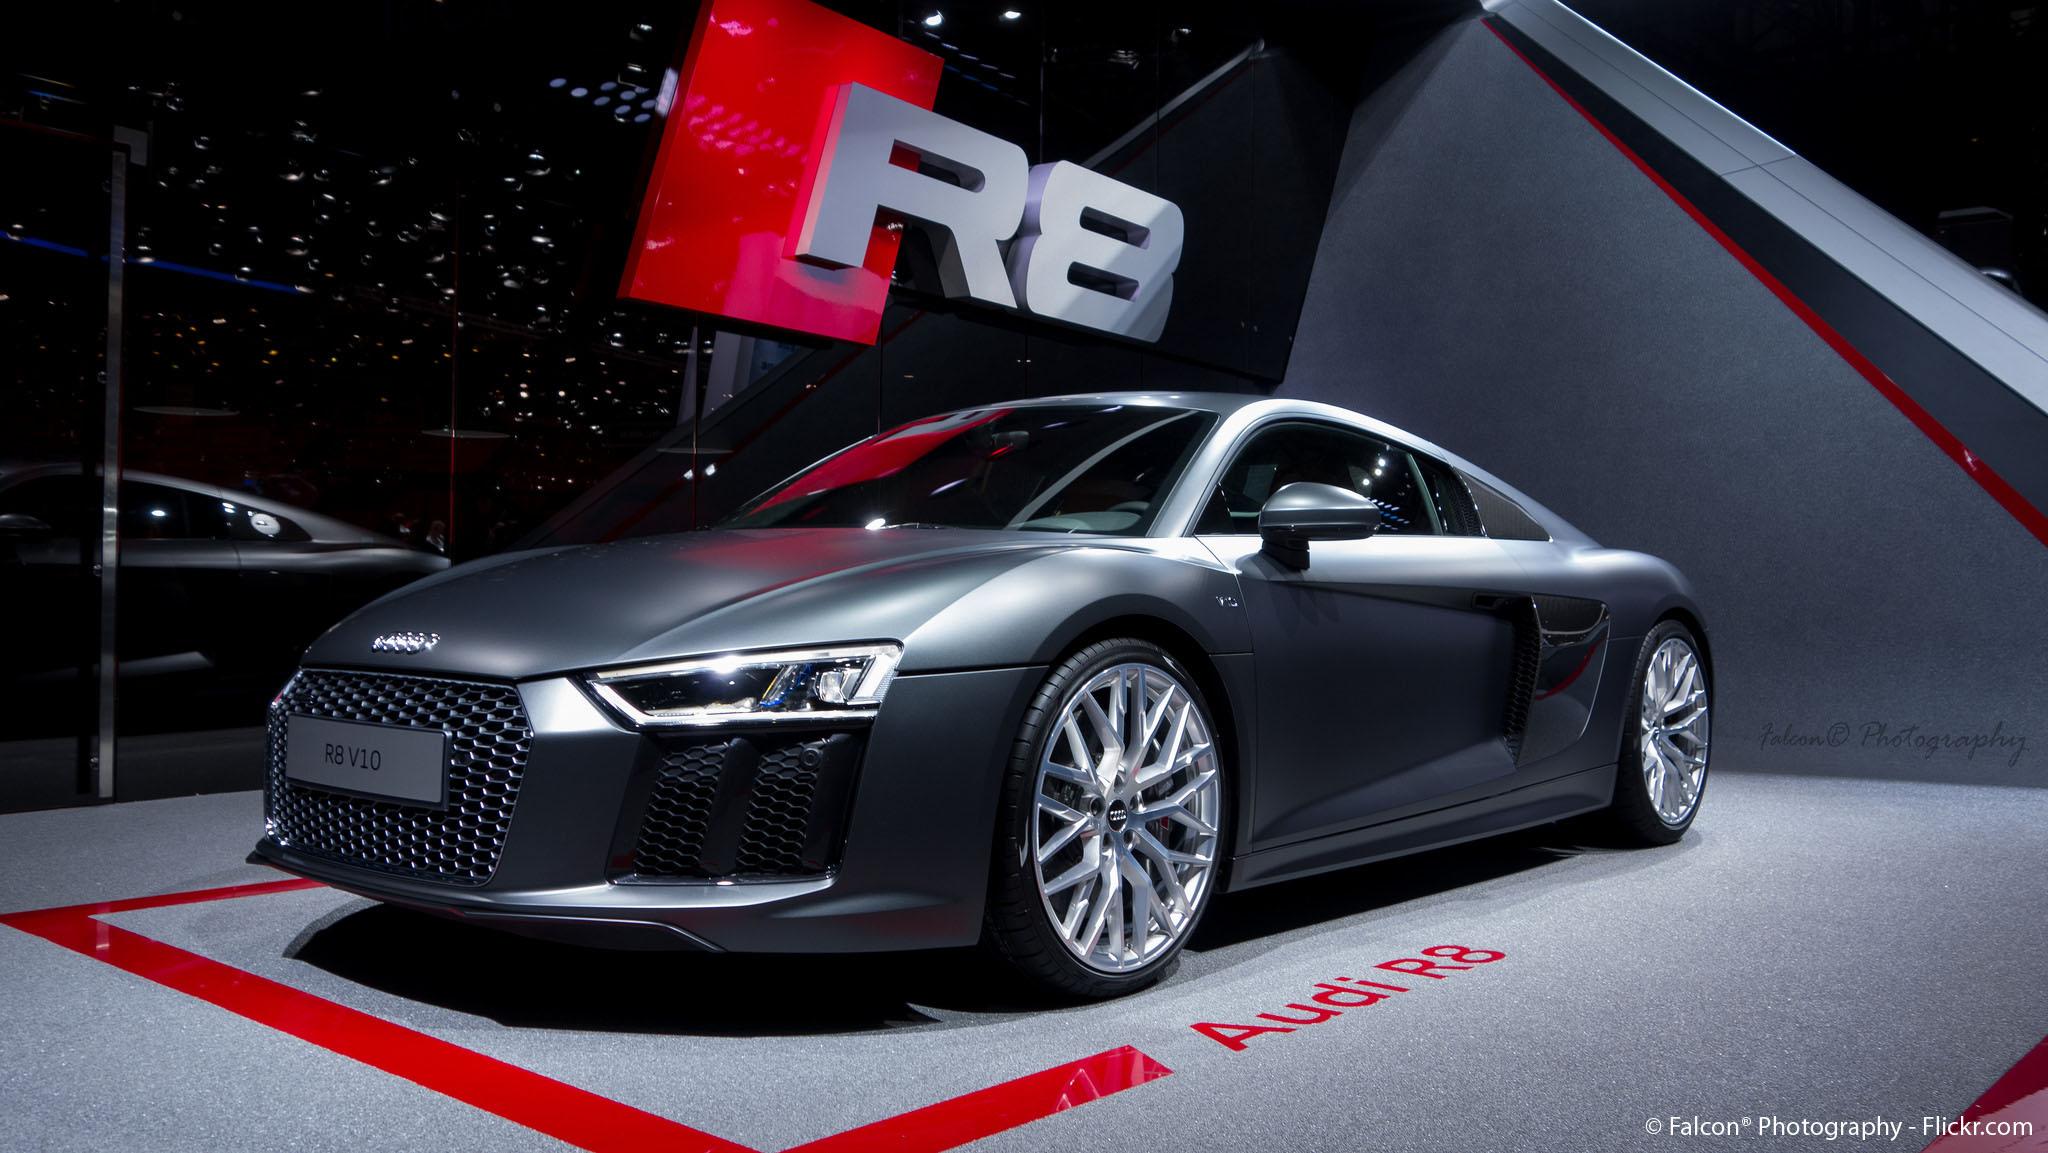 Neuer Designchef Marc Lichte soll Audi wieder mehr Emotion verleihen